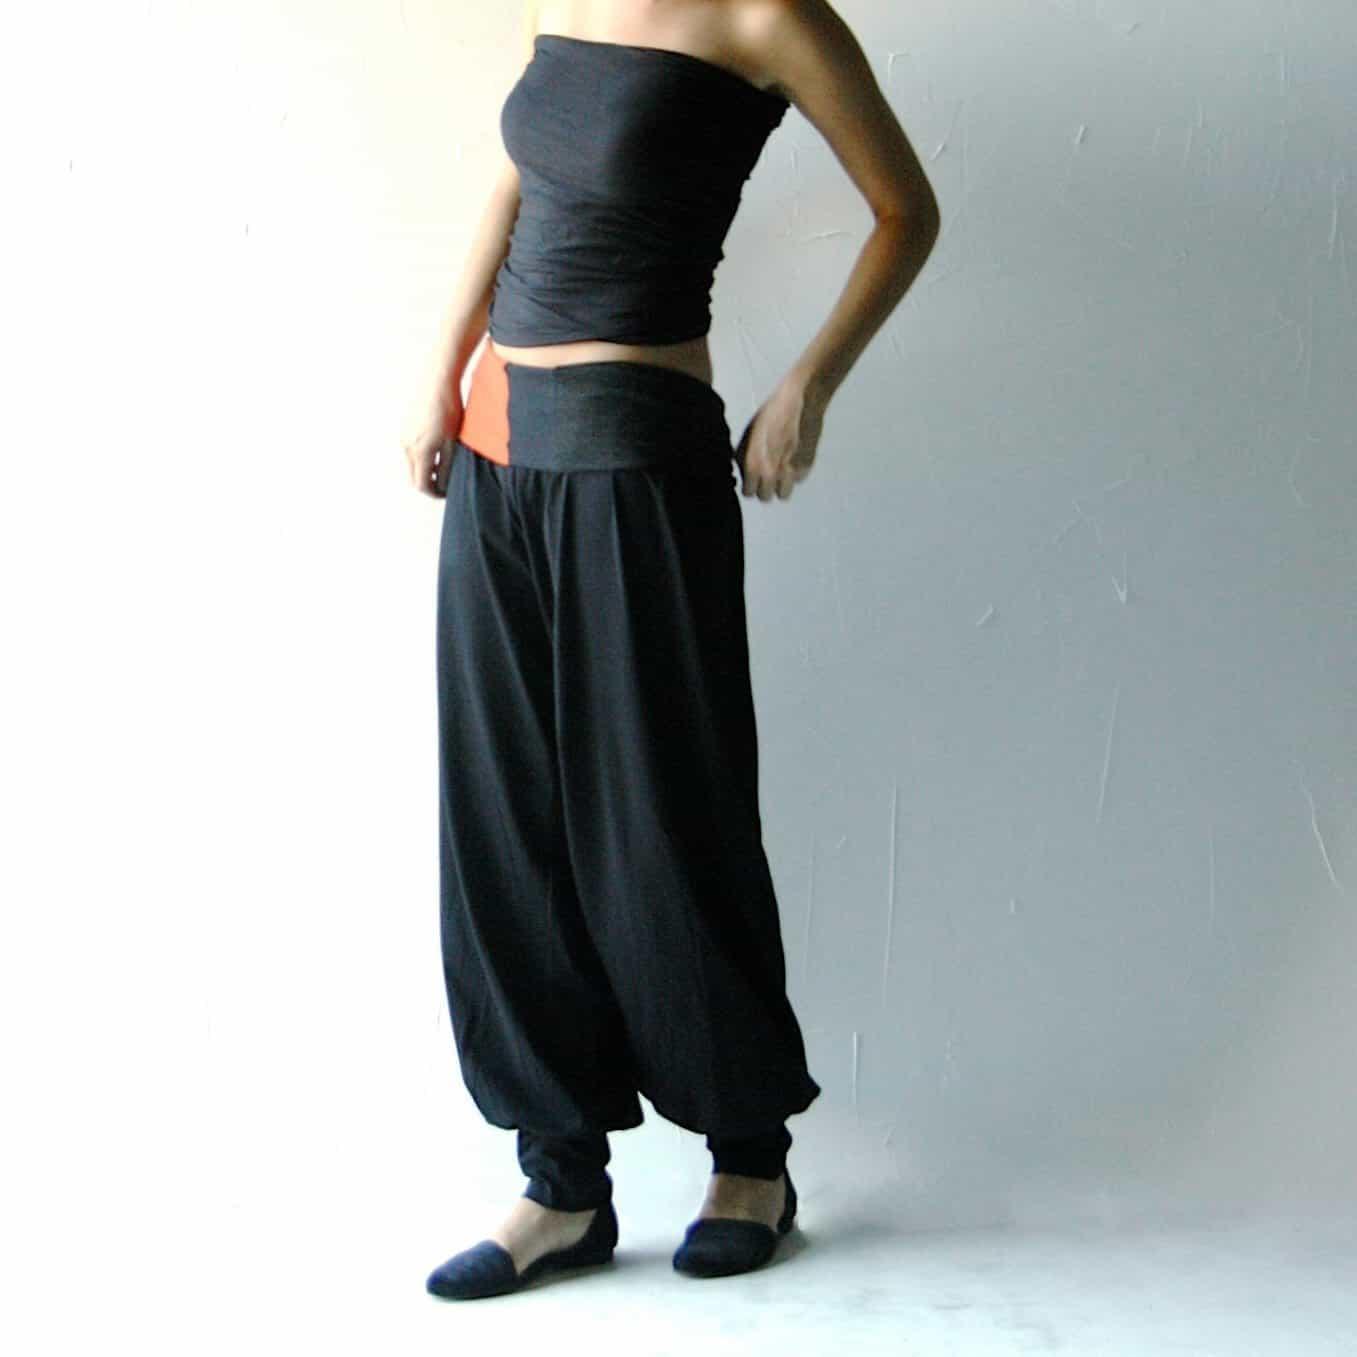 hot sale online get cheap professional sale Cotton Harem Pants